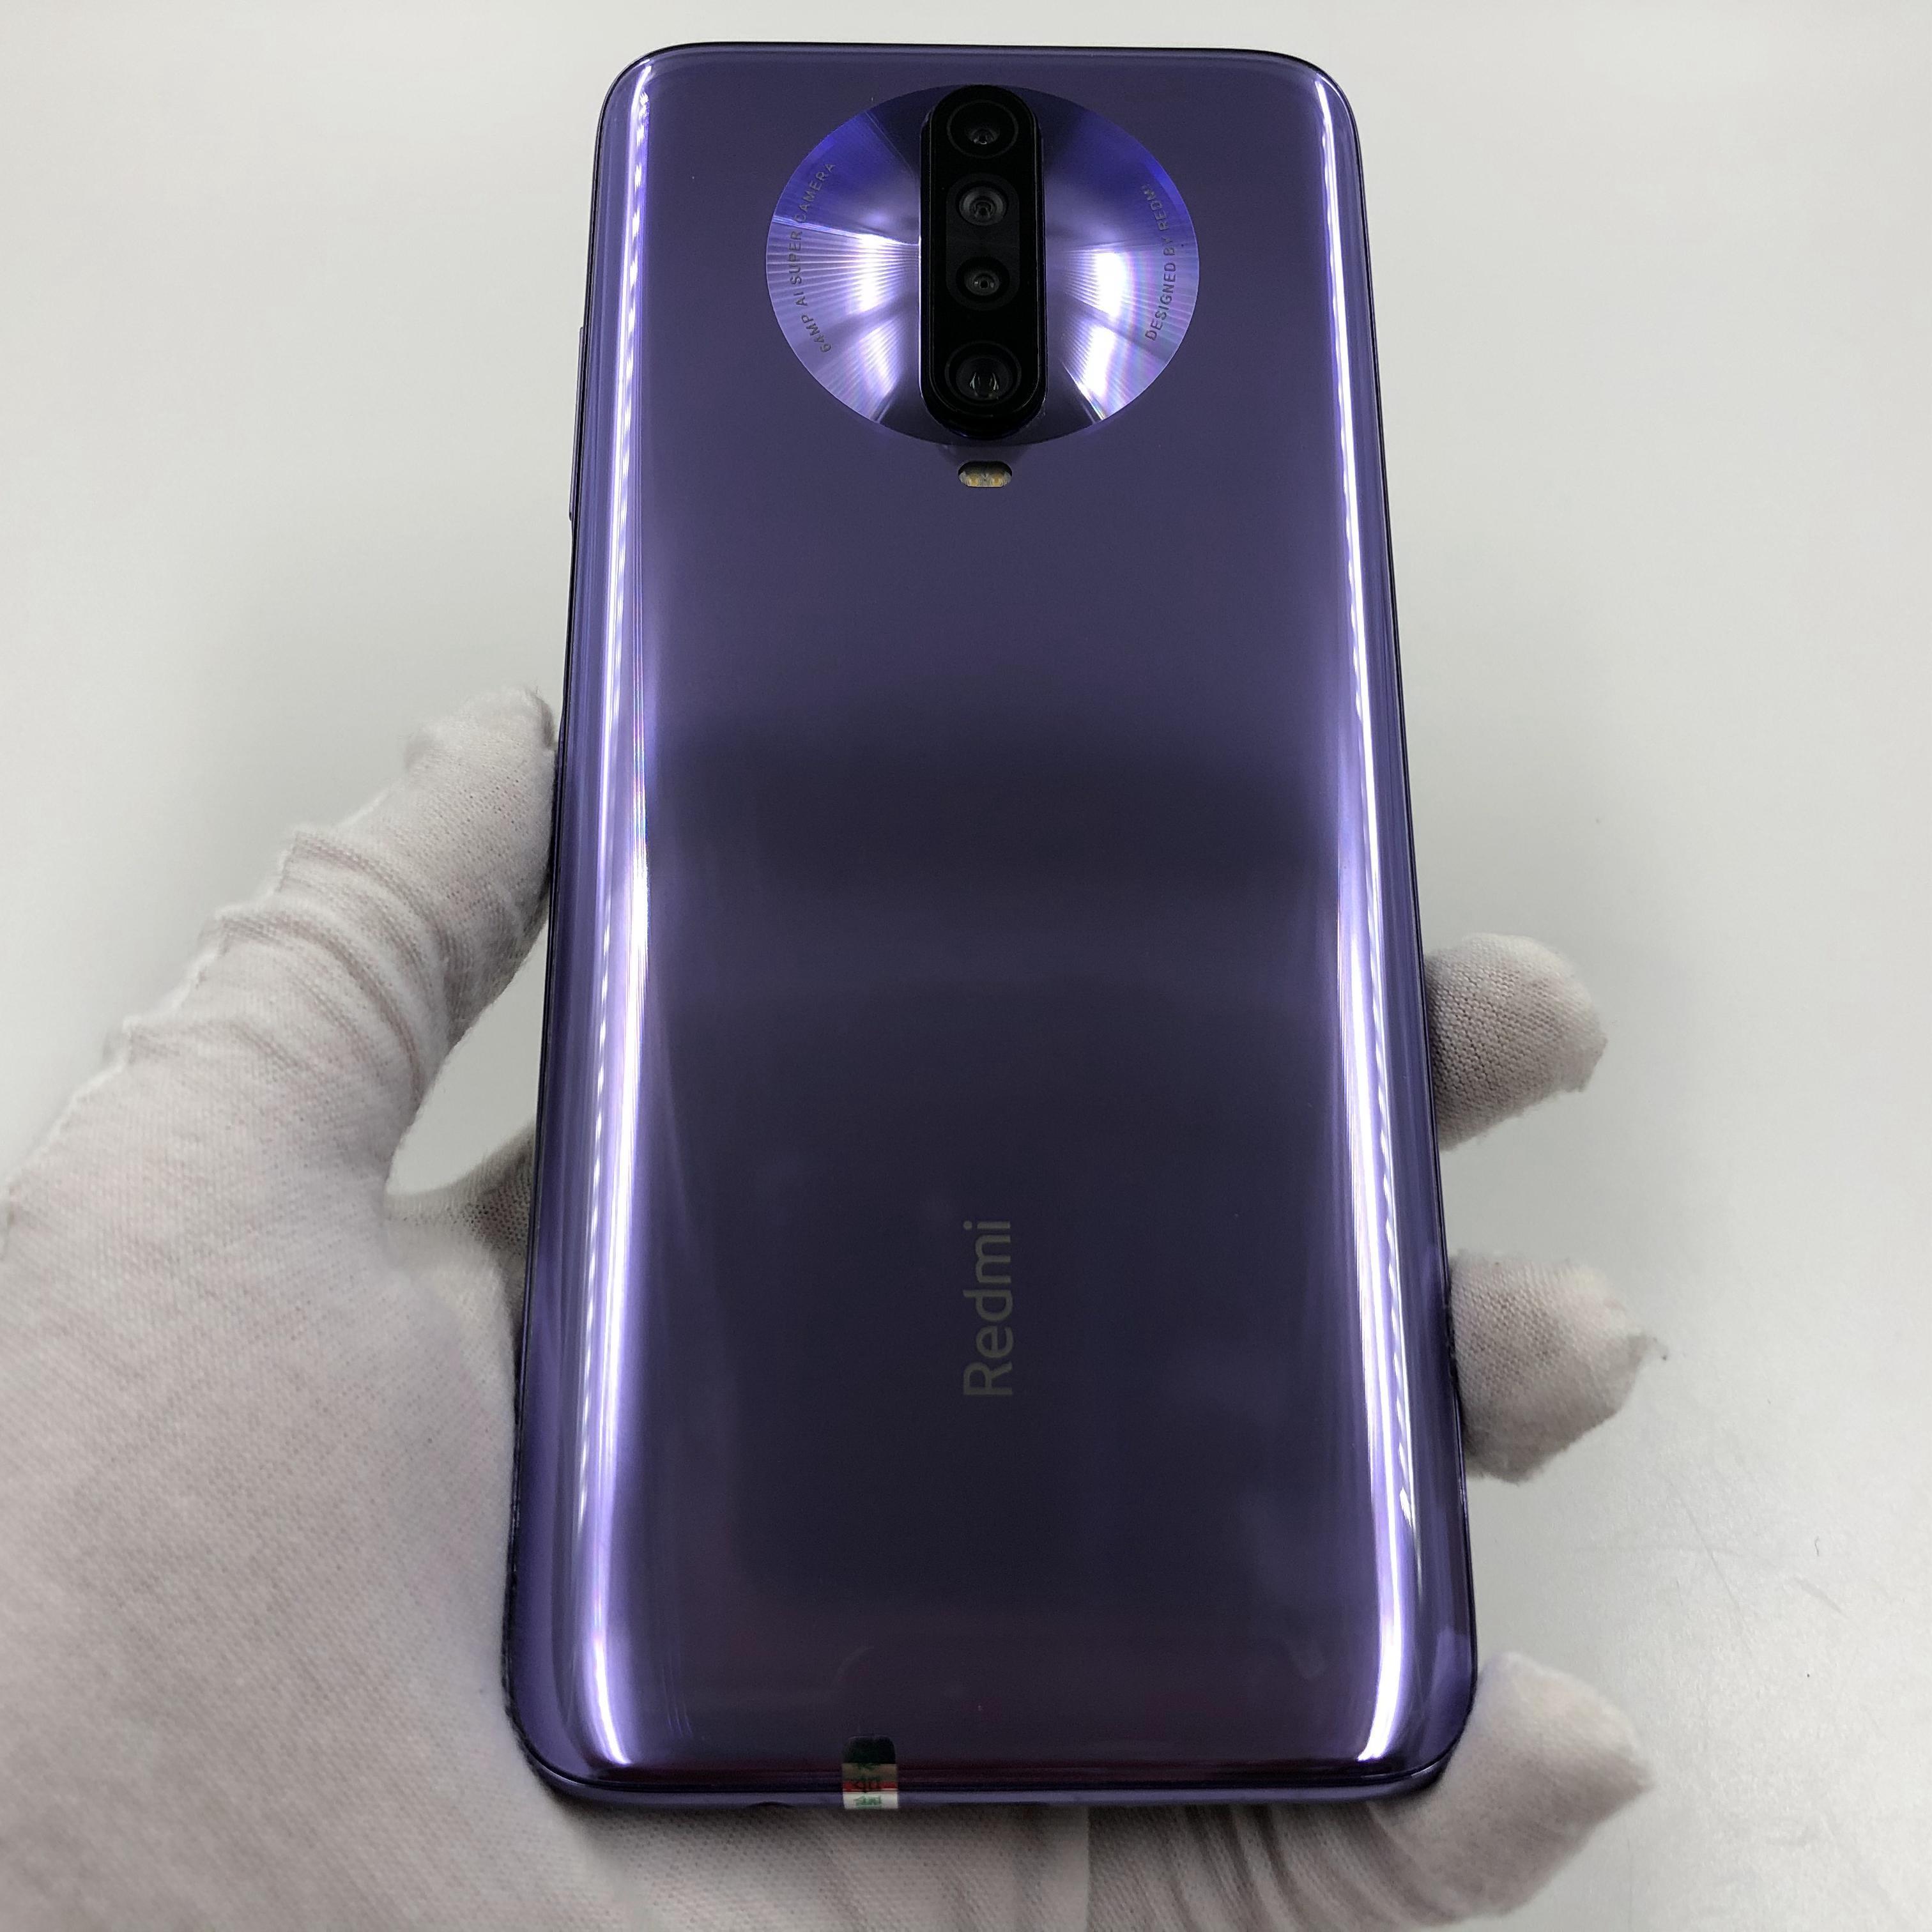 小米【Redmi K30 4G】4G全网通 紫玉幻境 6G/128G 国行 95新 真机实拍